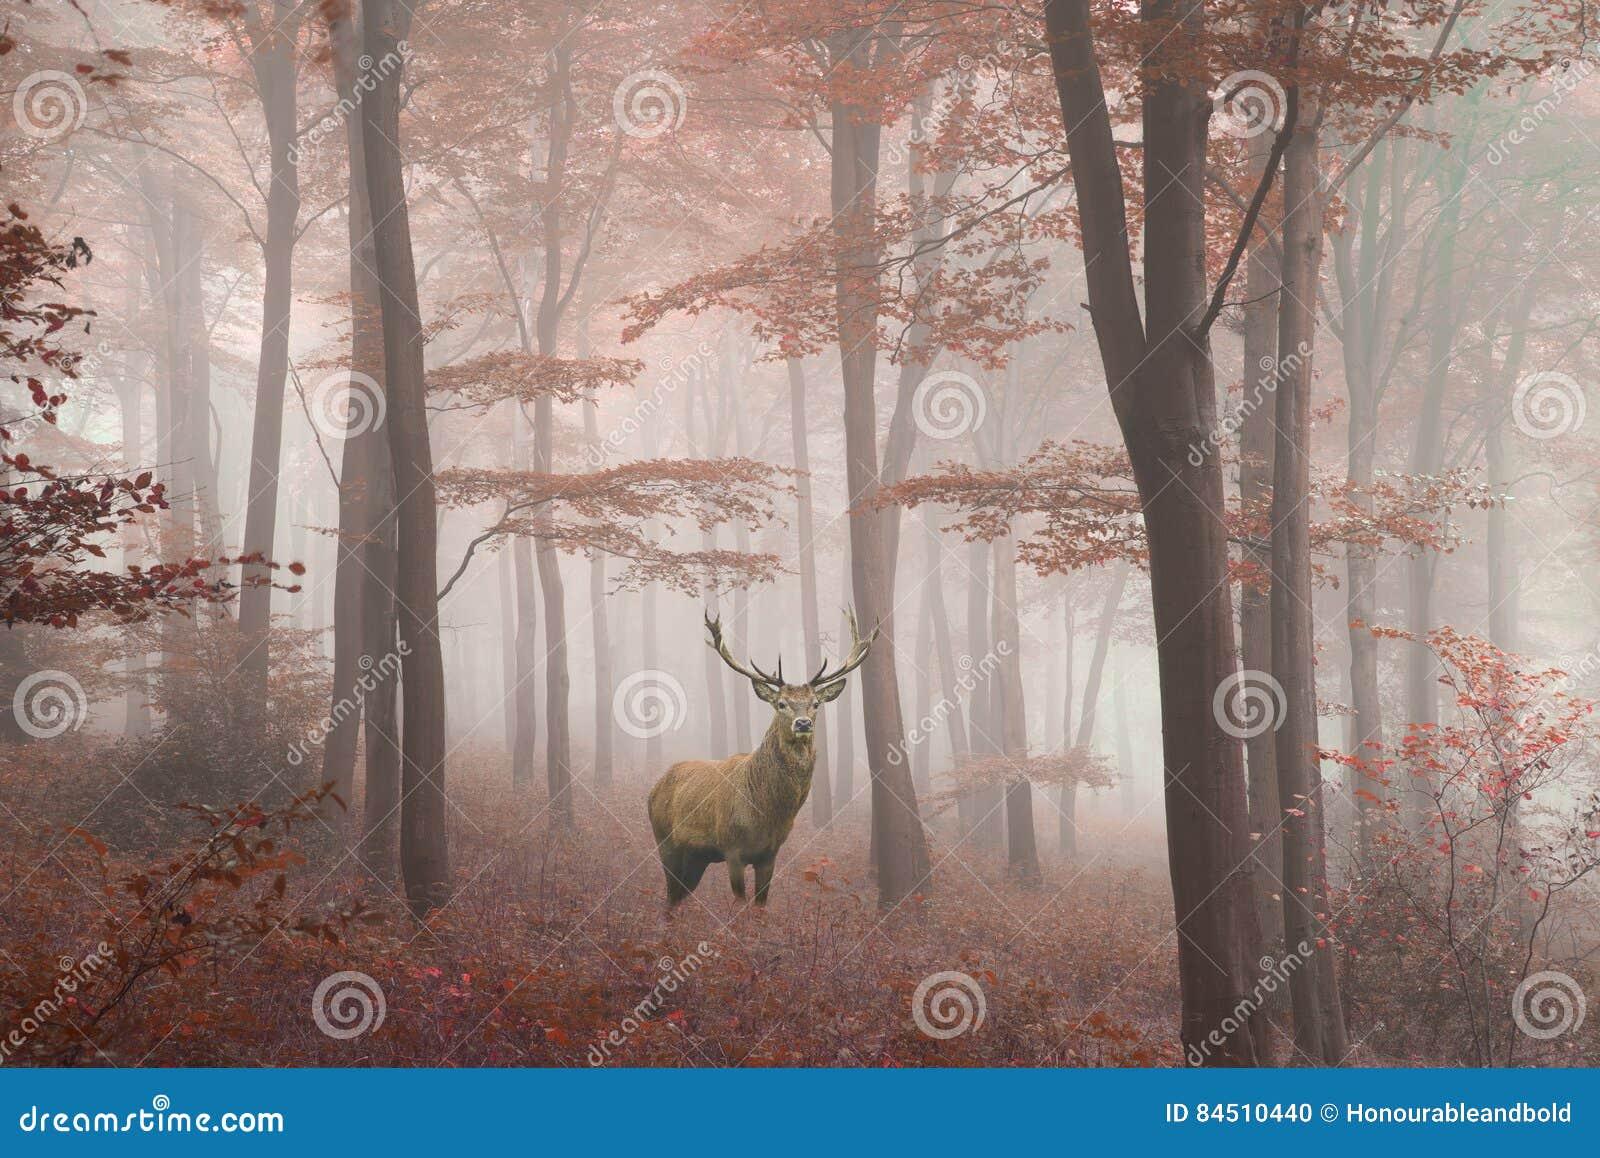 Imagem bonita do veado dos veados vermelhos na floresta colorida do outono nevoento